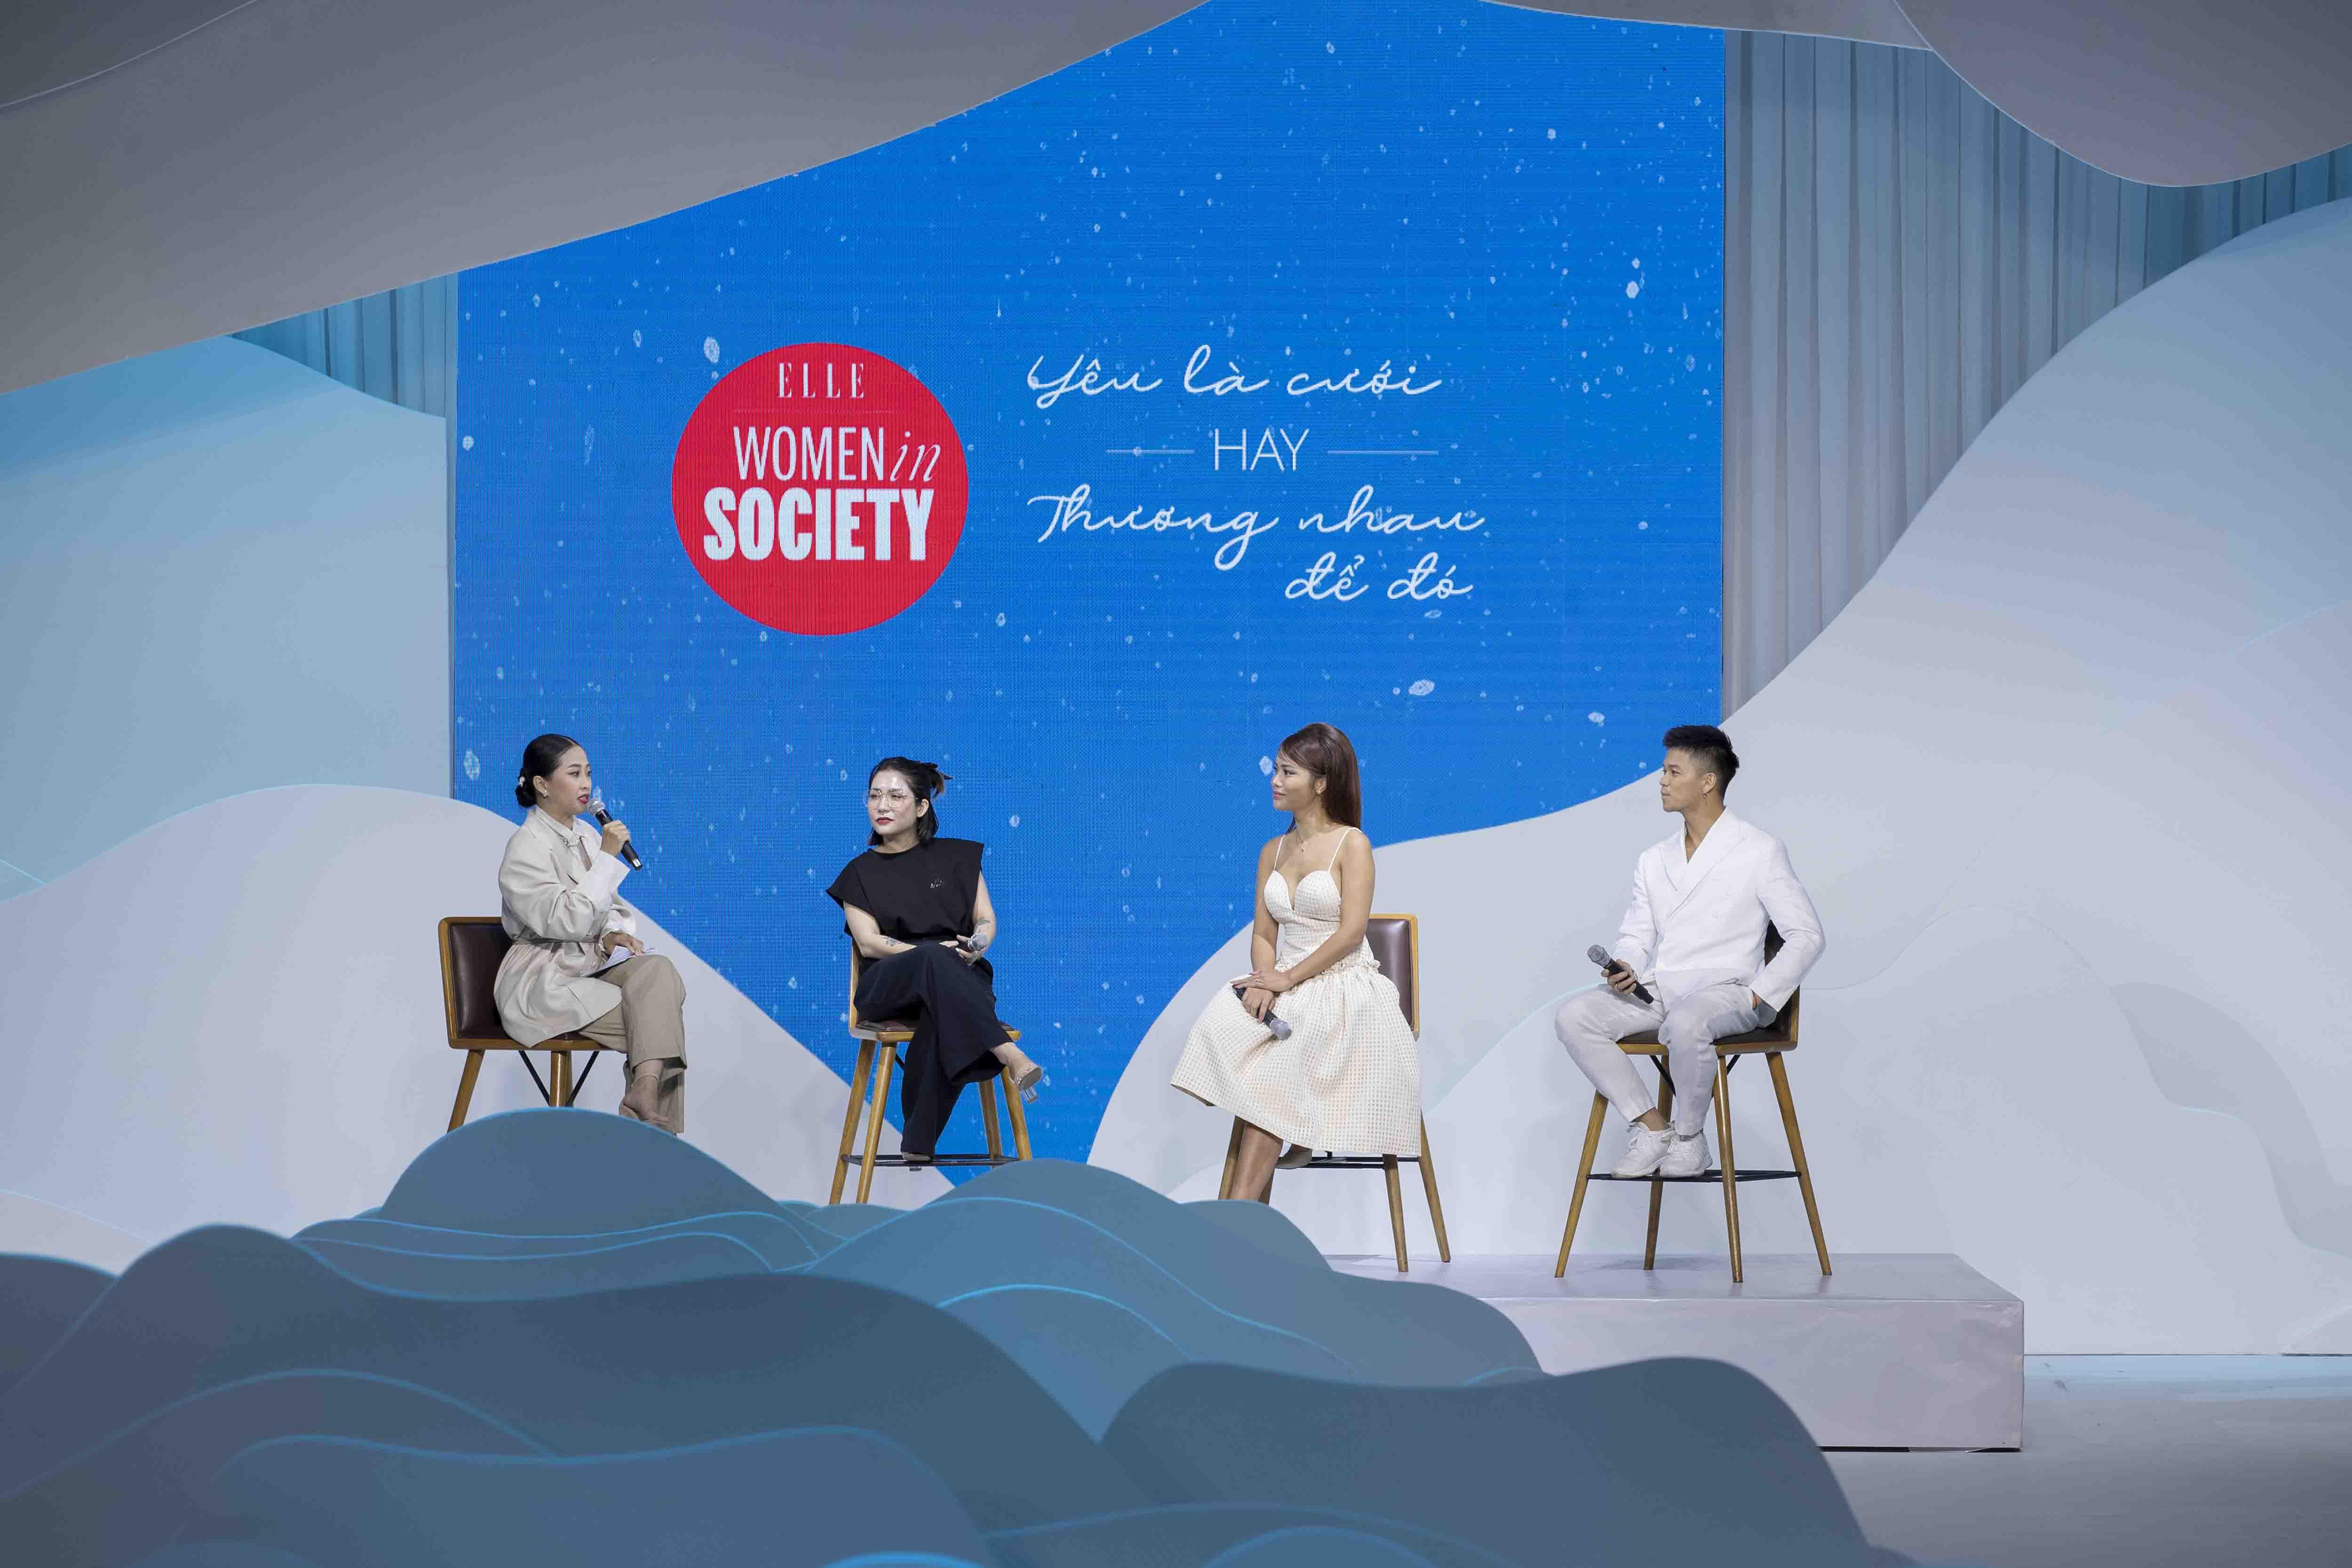 mc liêu hà trinh và 3 khách mời trong talkshow